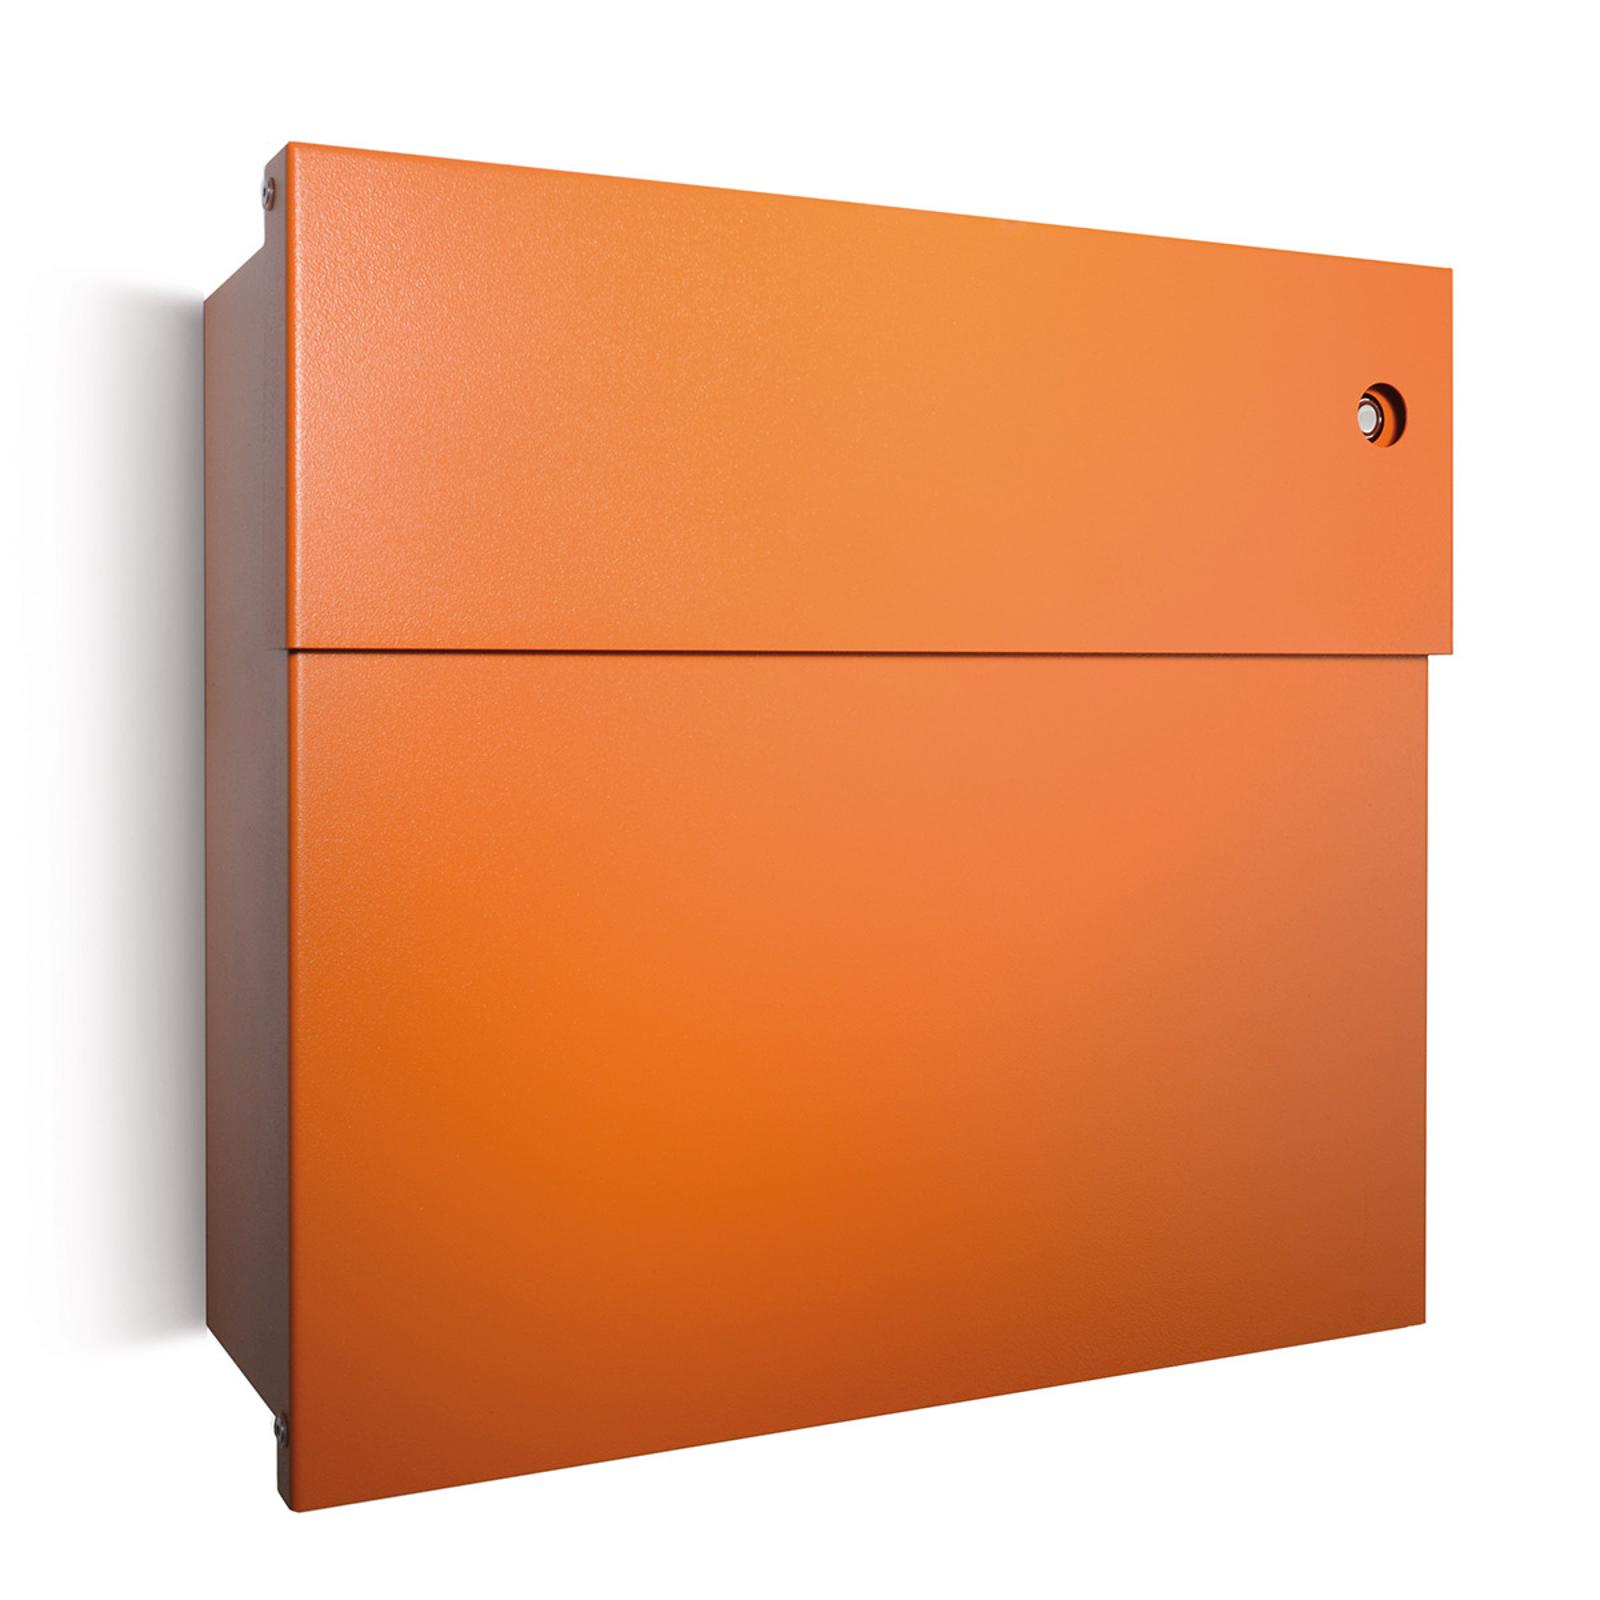 Schránka Letterman IV, červený zvonek, oranžová